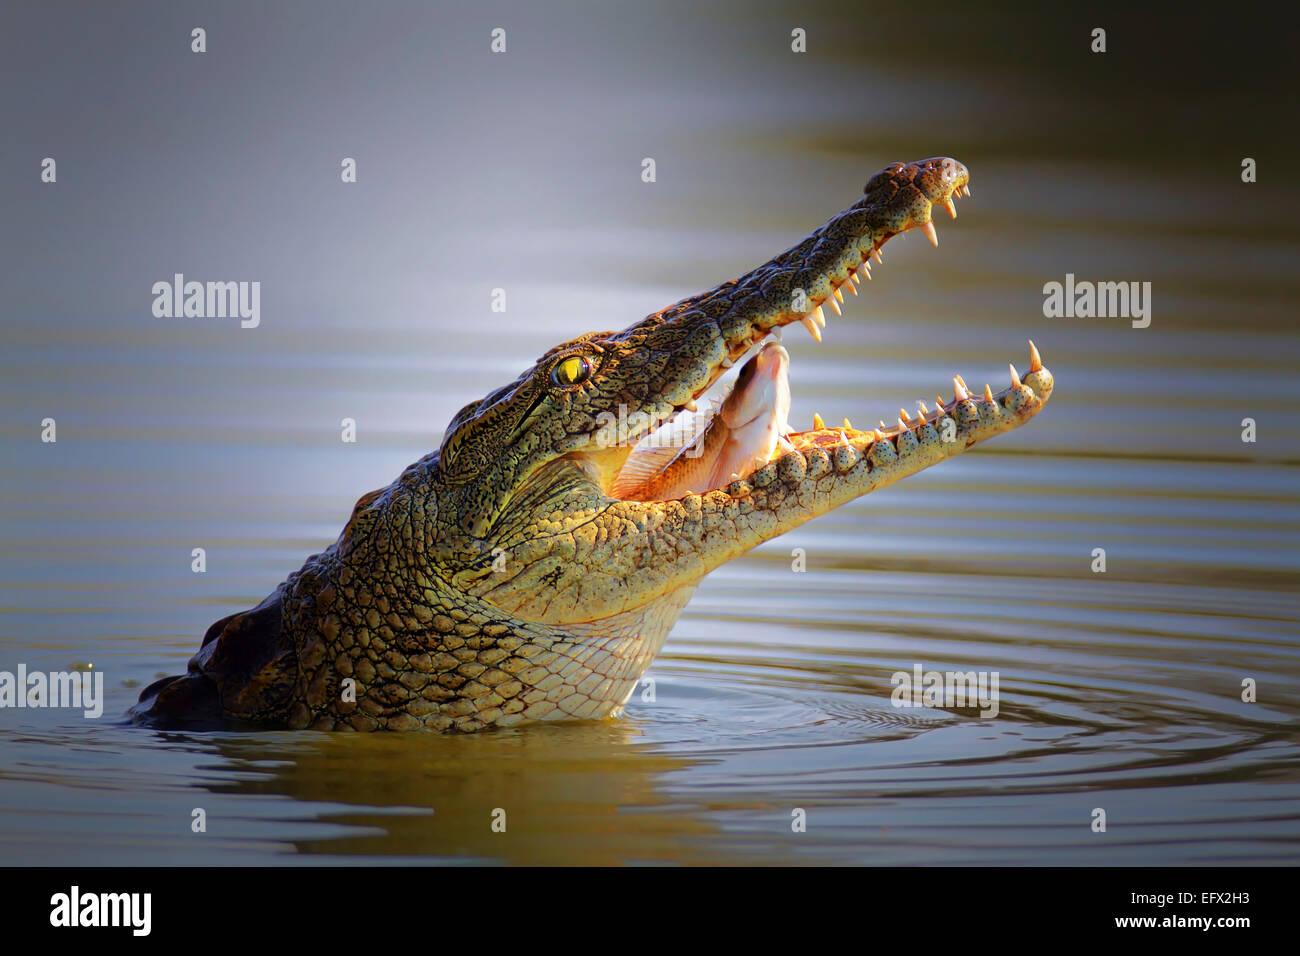 Coccodrillo del Nilo inghiottire un pesce; Crocodylus niloticus - Parco Nazionale Kruger Immagini Stock